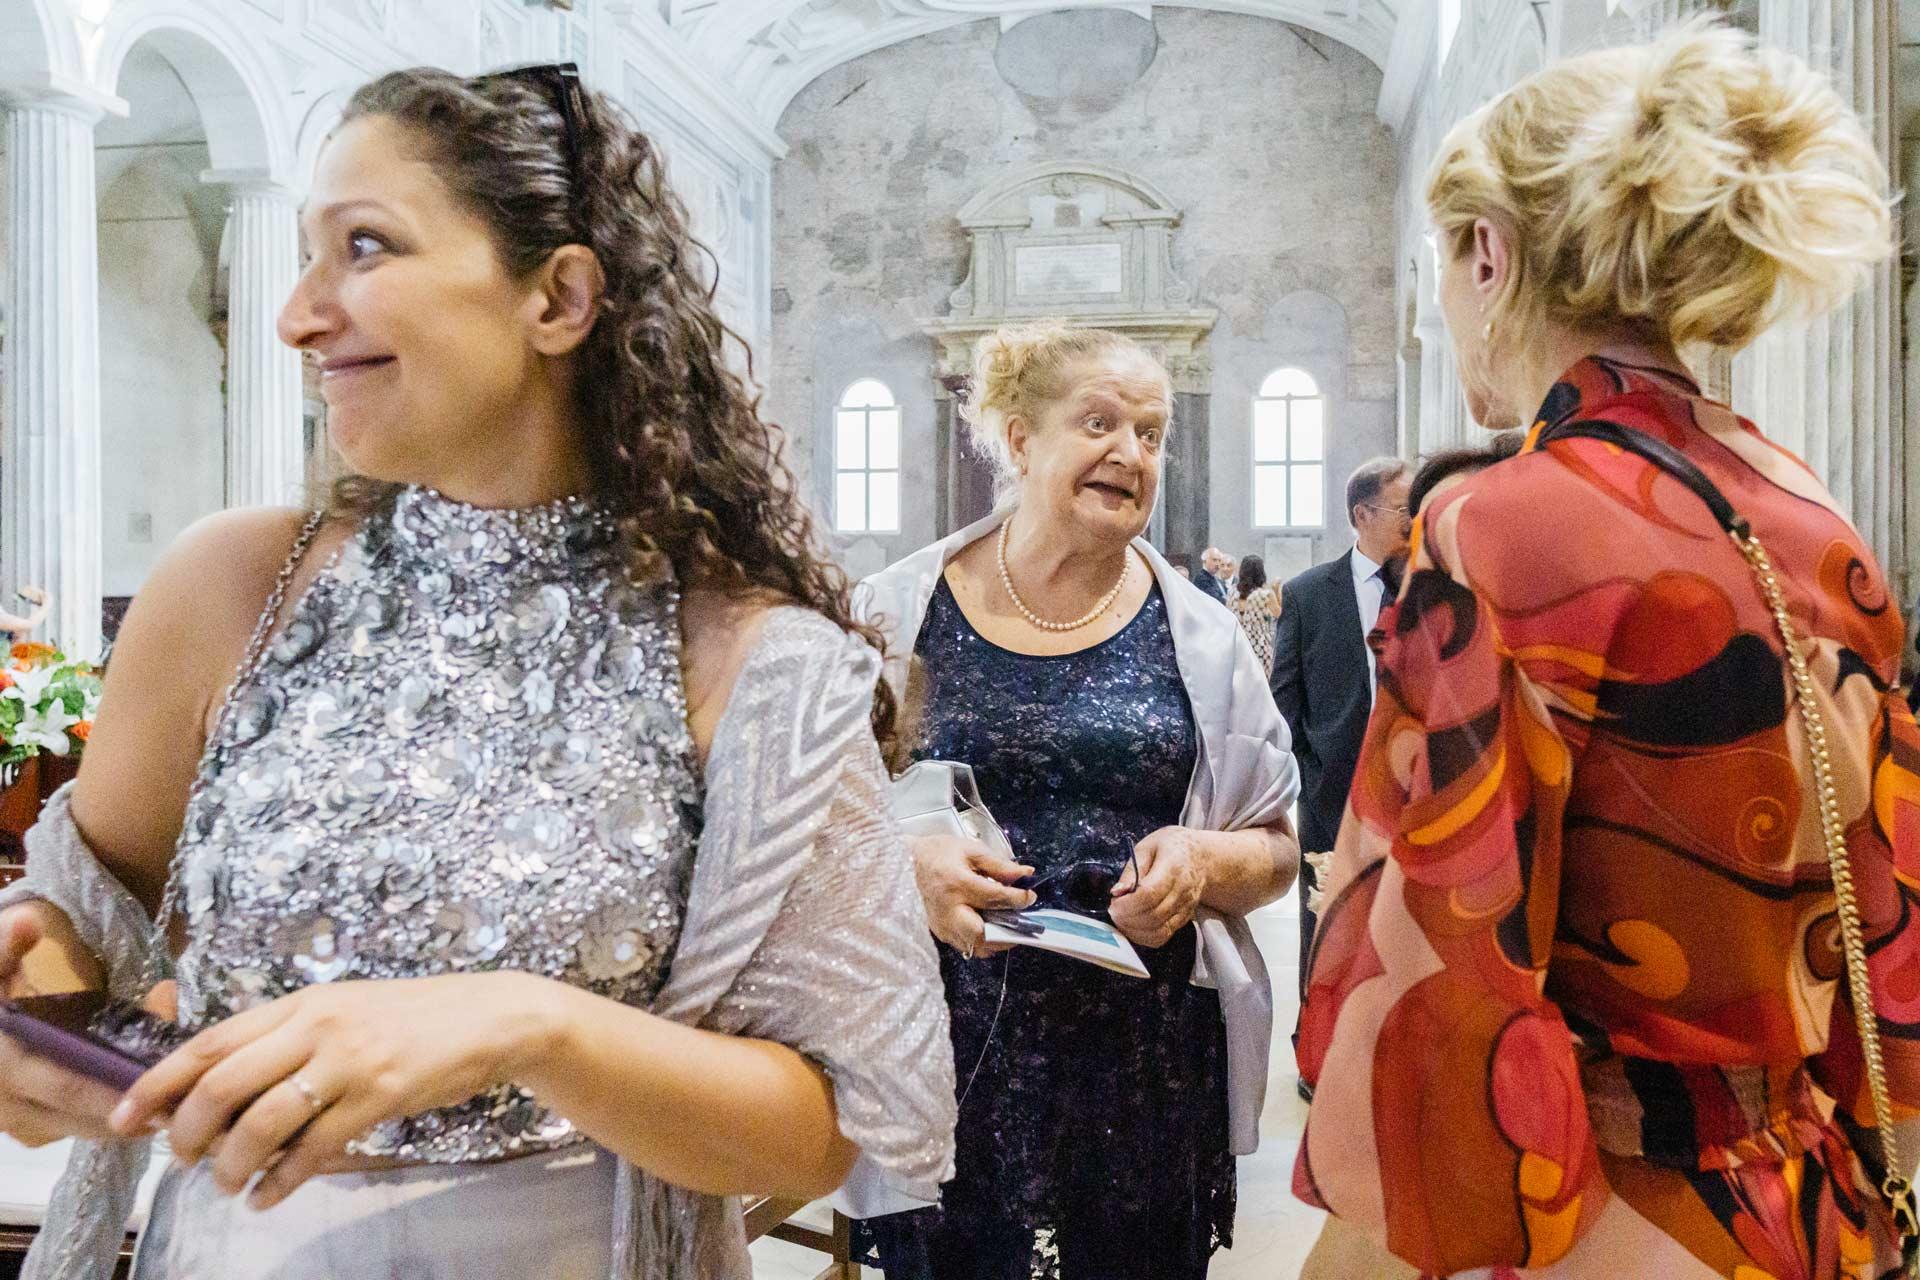 fotografo-matrimonio-reportage-14-C&M